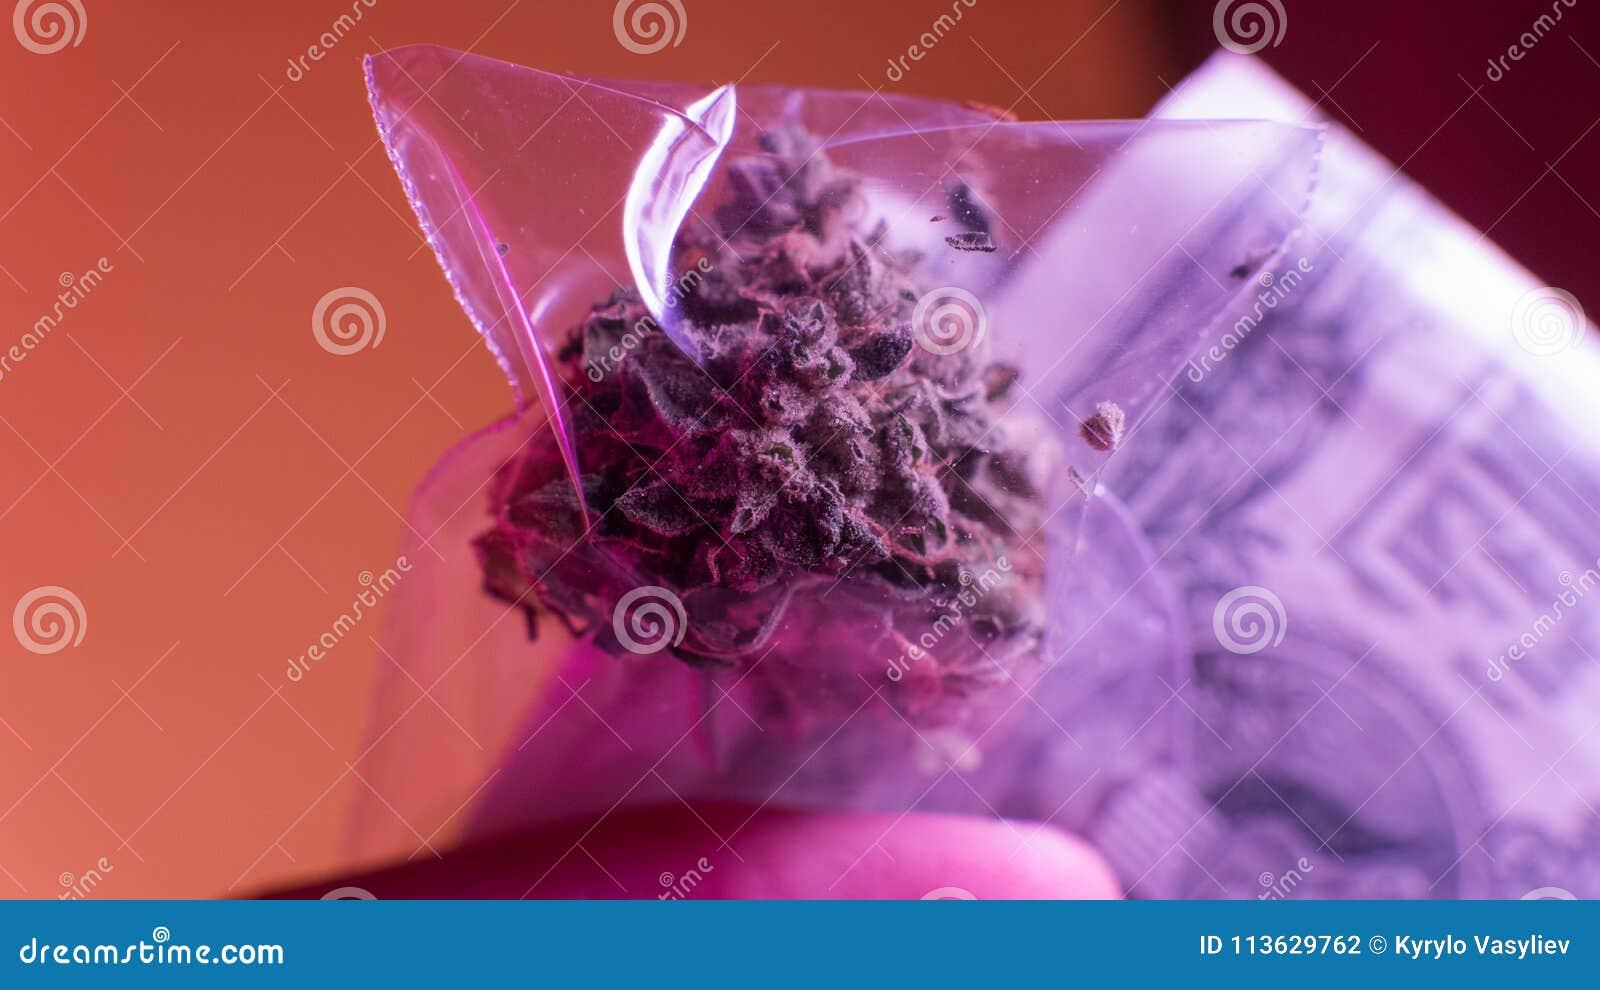 Olaglig marijuanaförsäljning i Europa och Ryssland nPlans för legalisering för 2018